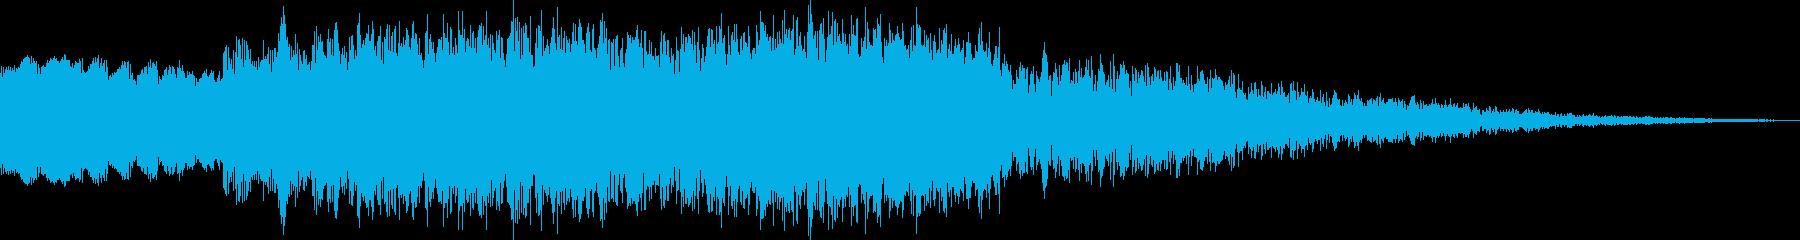 ピュイーン 上昇系電子音の再生済みの波形